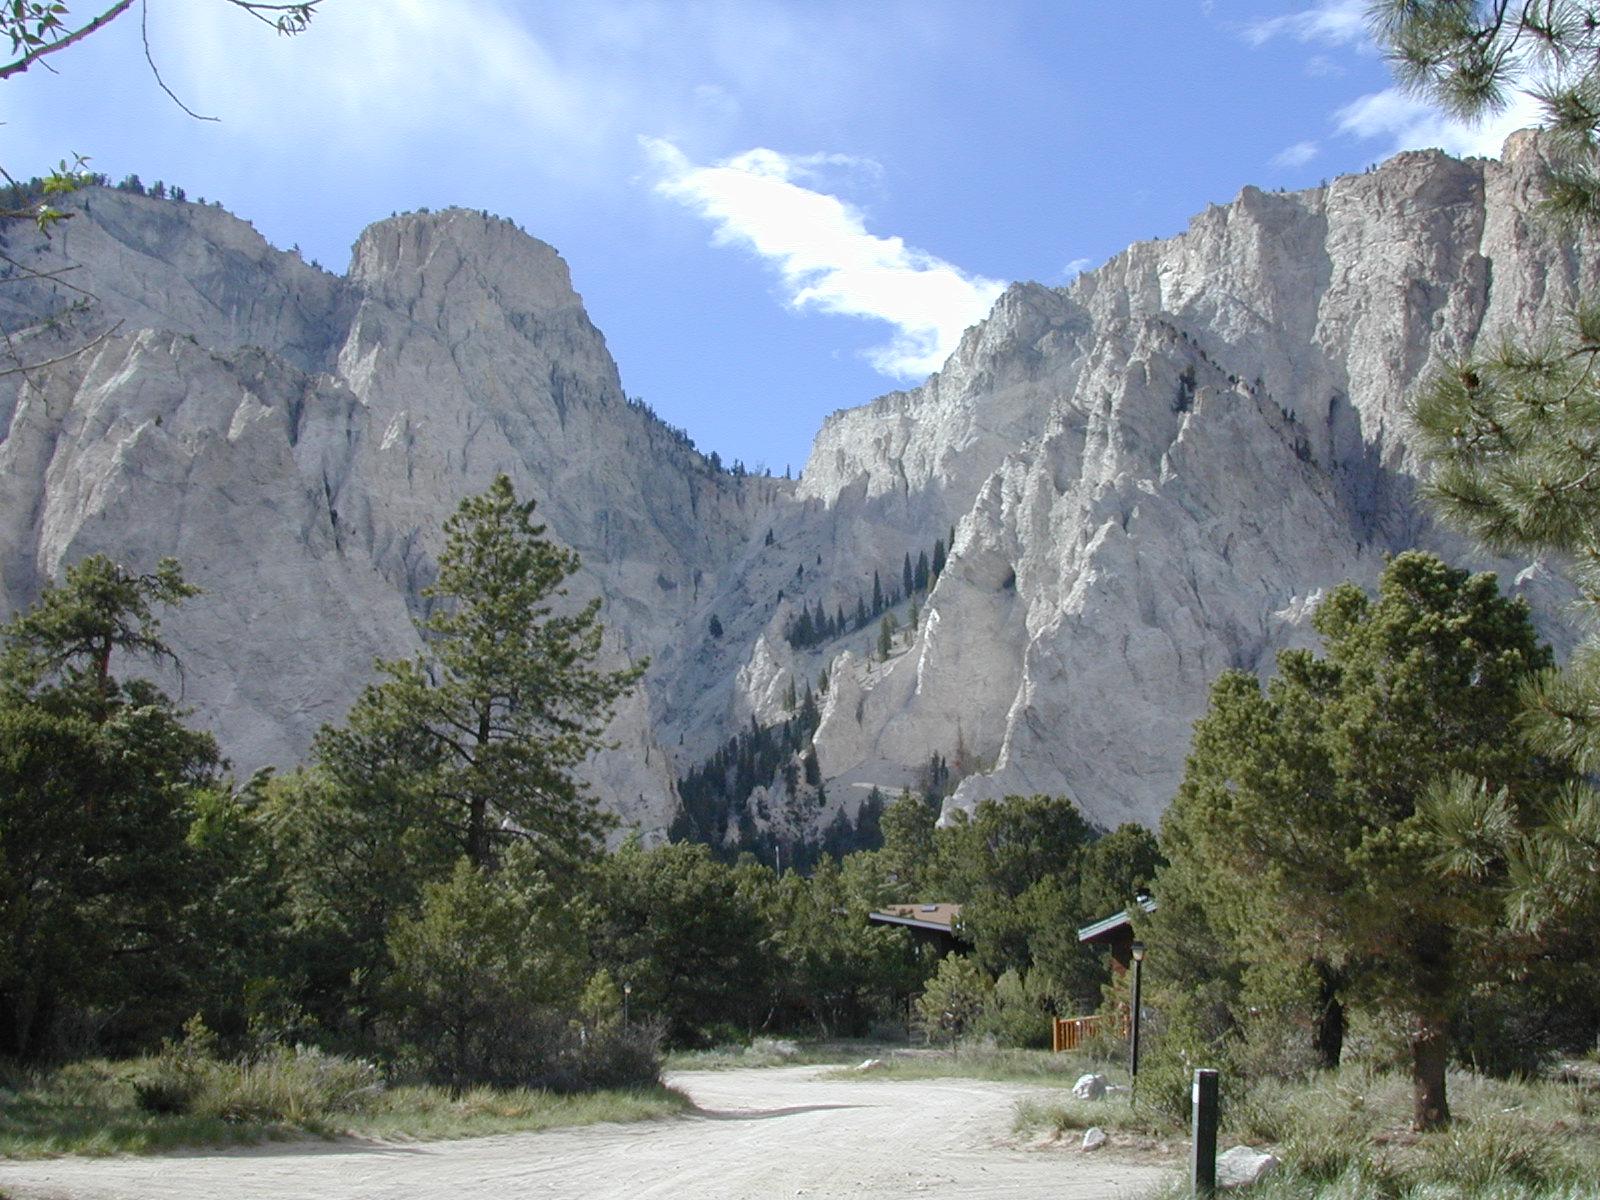 http://landslides.usgs.gov/monitoring/chalk_cliffs/images/ProjectInformation.jpg